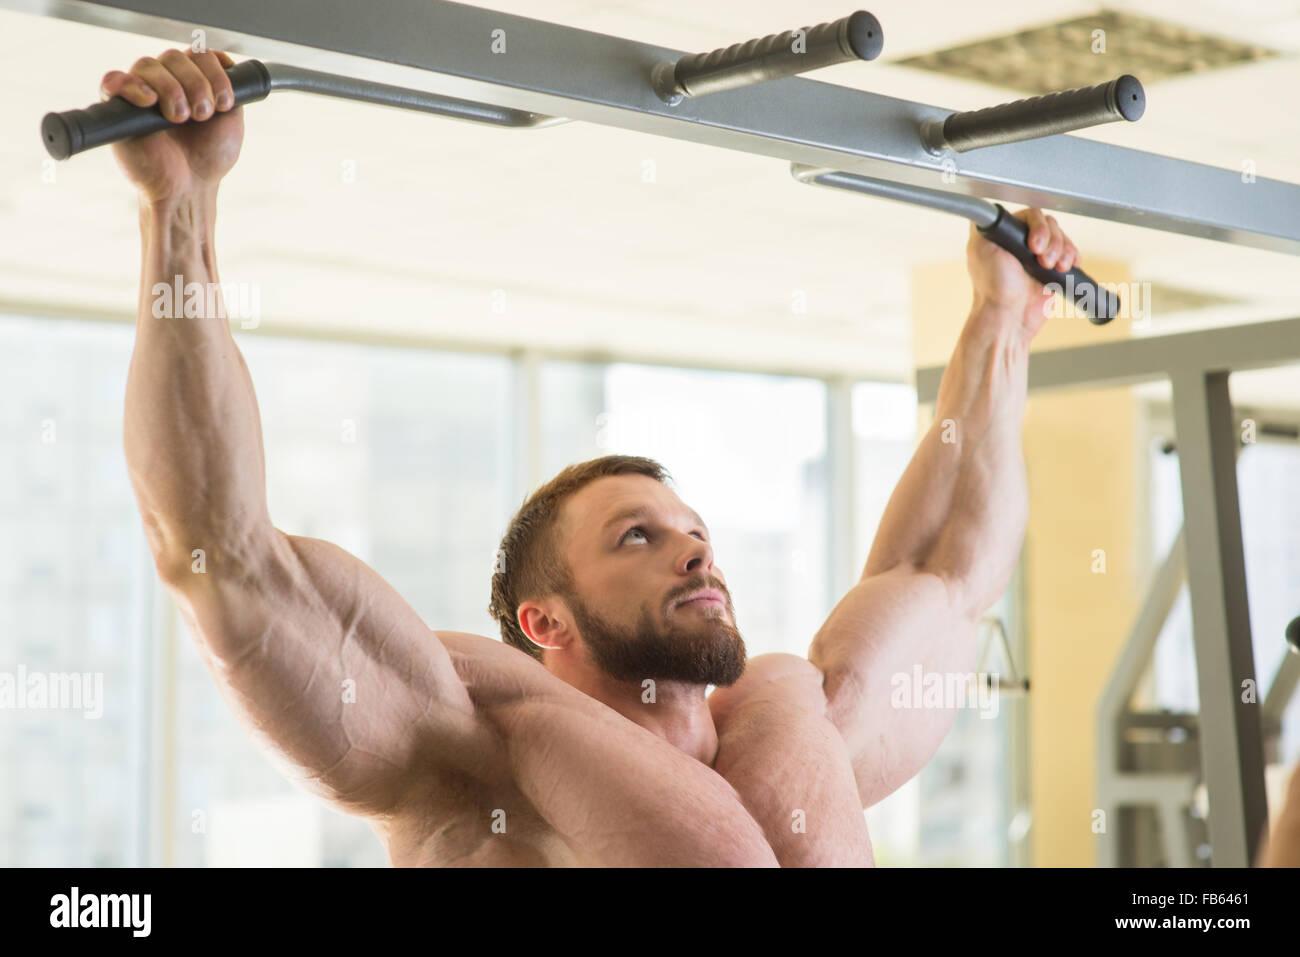 Bodybuilder doing pull-ups. - Stock Image